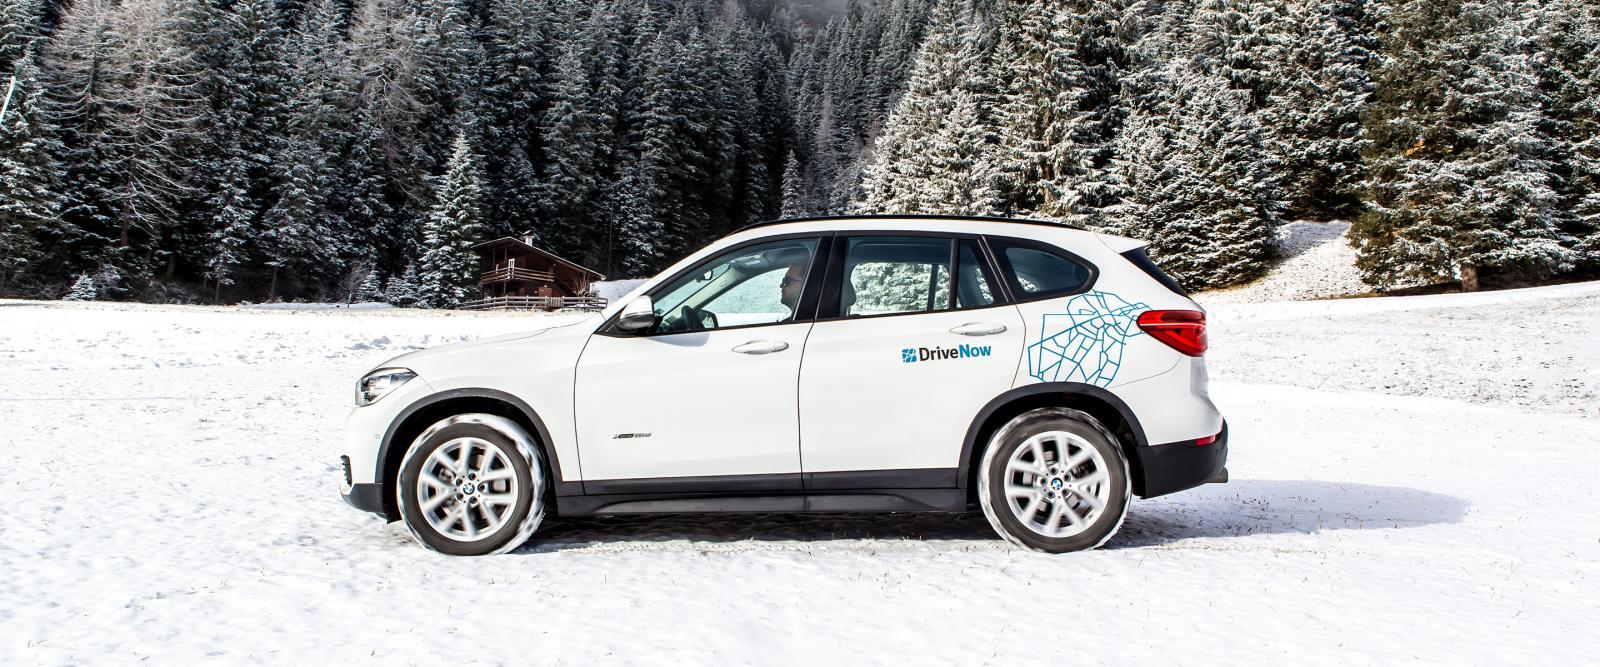 drivenow-carsharing-wien-versicherung